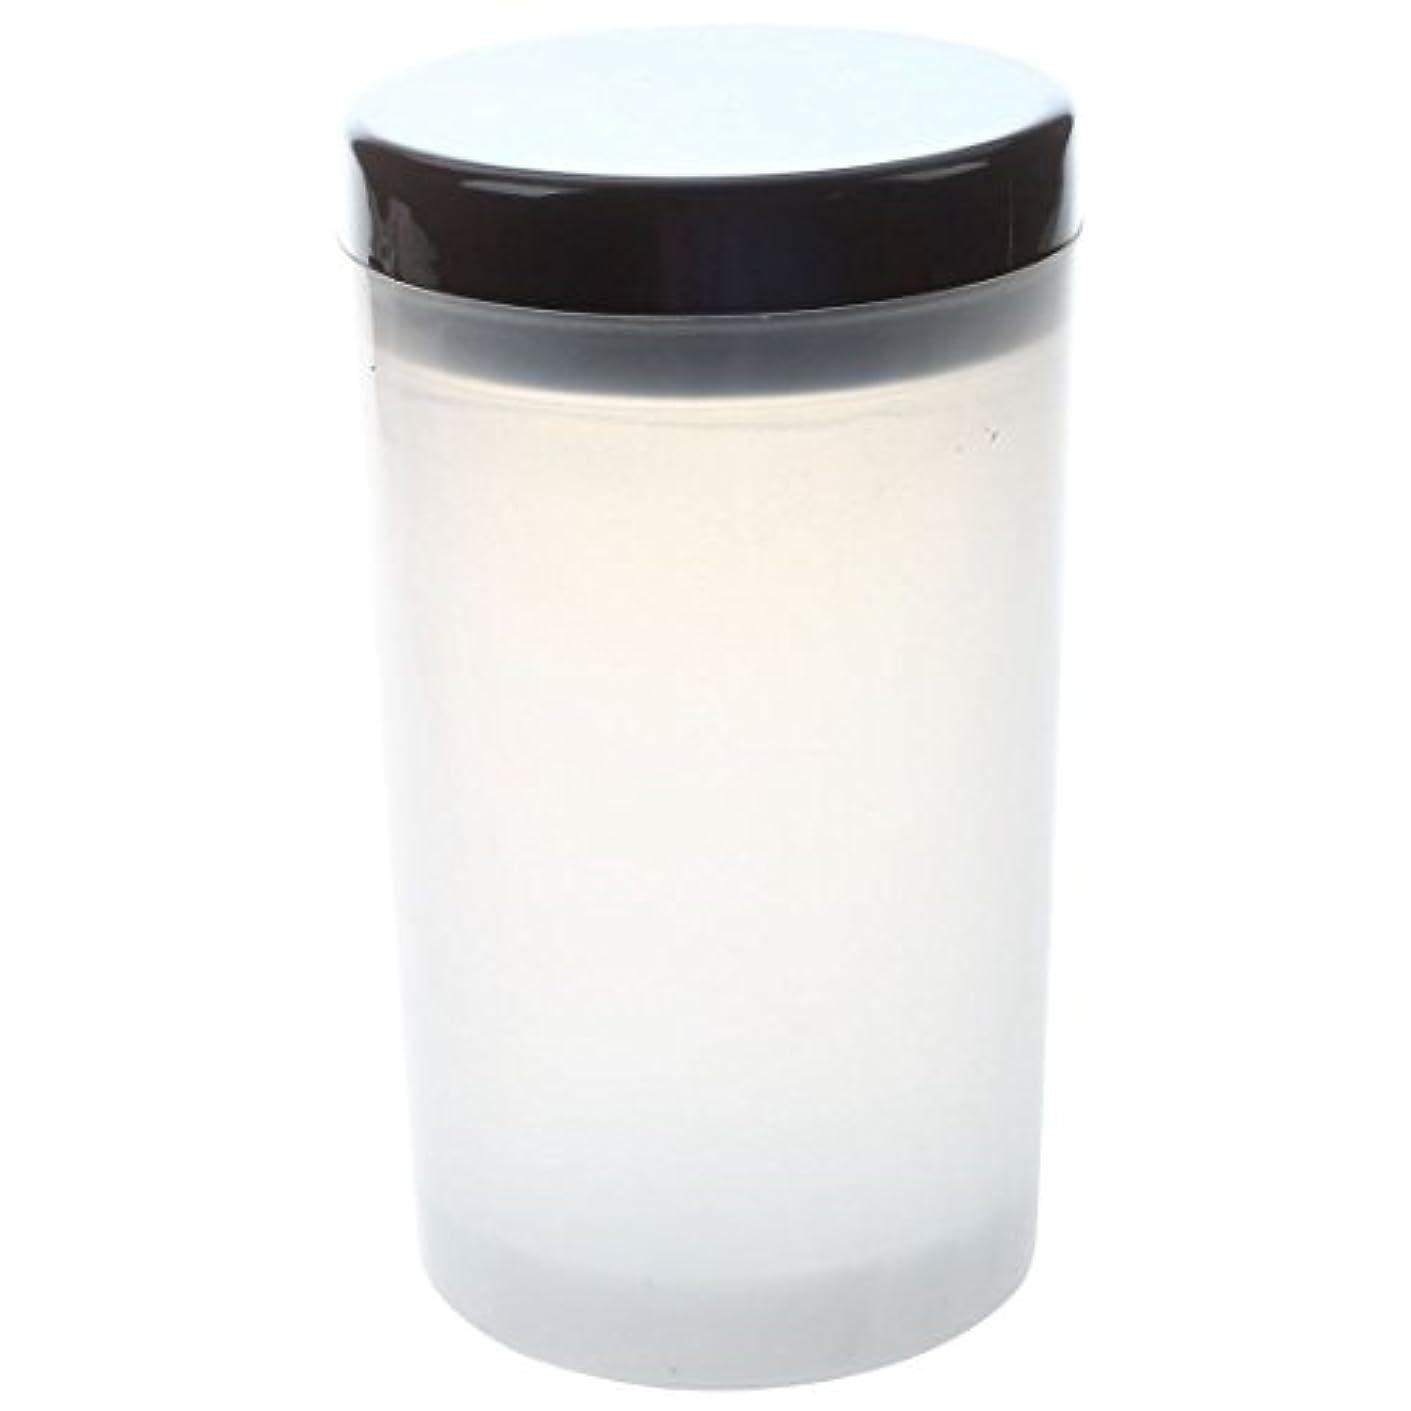 地平線露サーカスCikuso ネイルアートチップブラシホルダー リムーバーカップカップ浸漬ブラシ クリーナーボトル